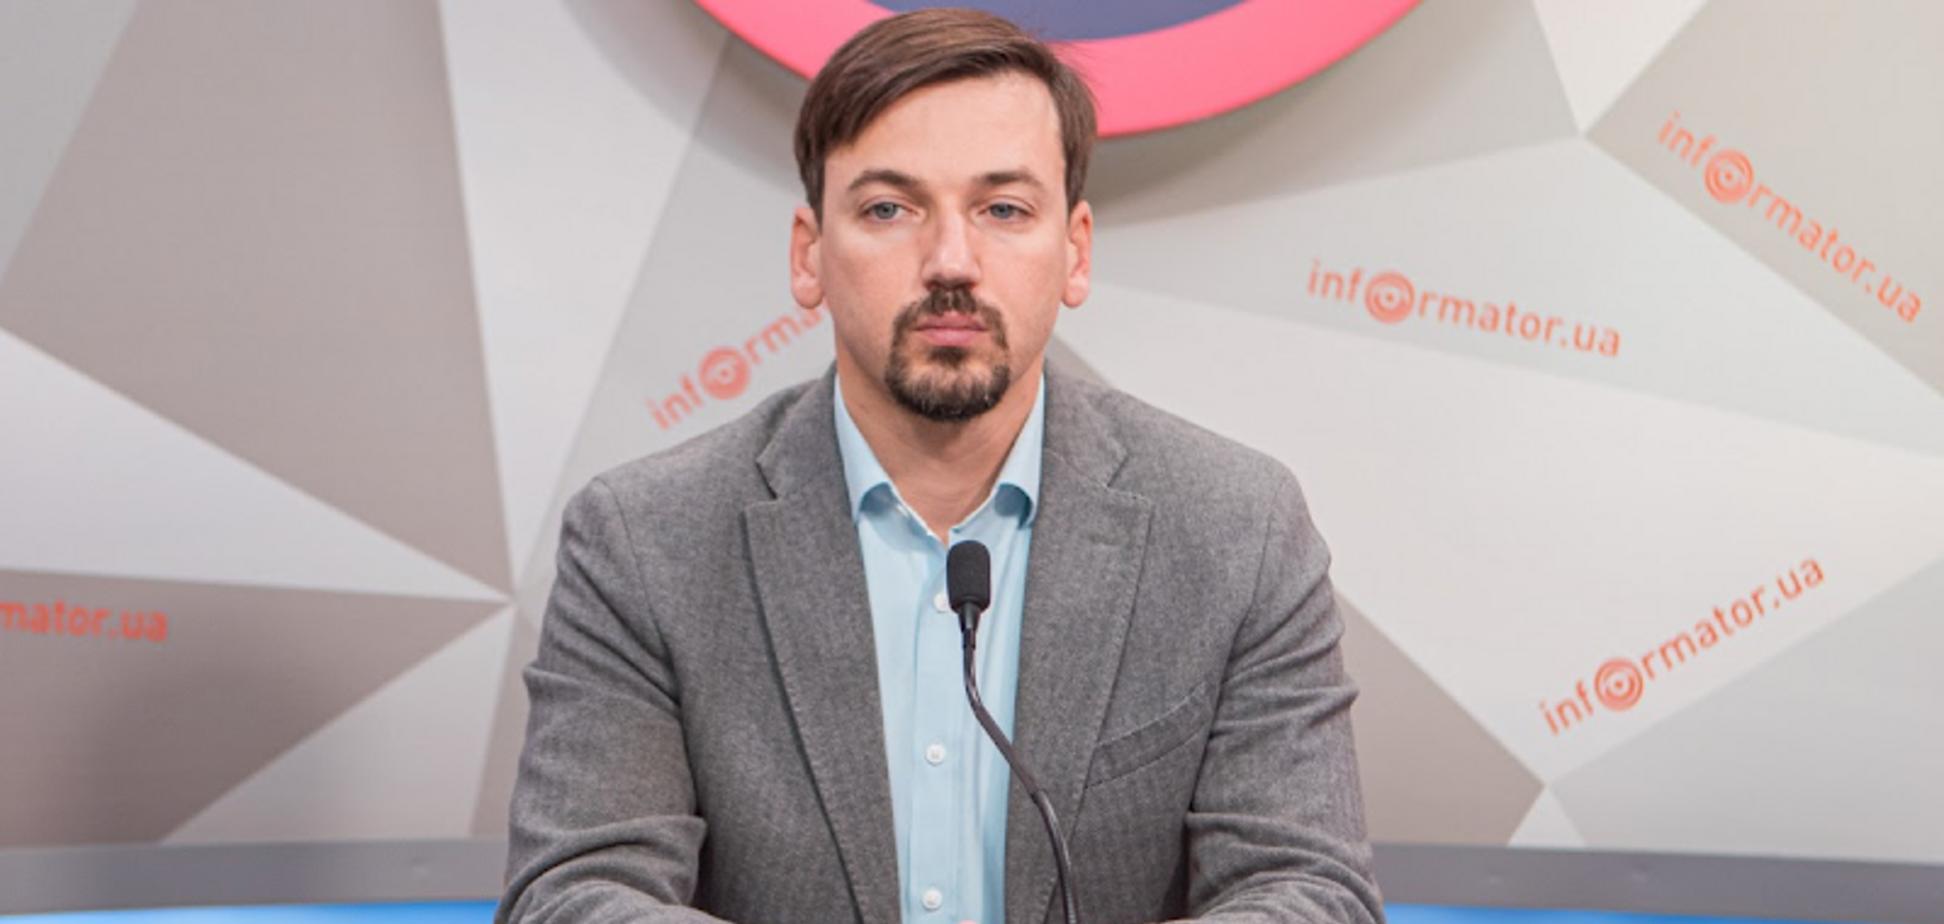 Артем Хмельников показав, як Бюджет участі допомагає грамотним ОСББ домогтися свого